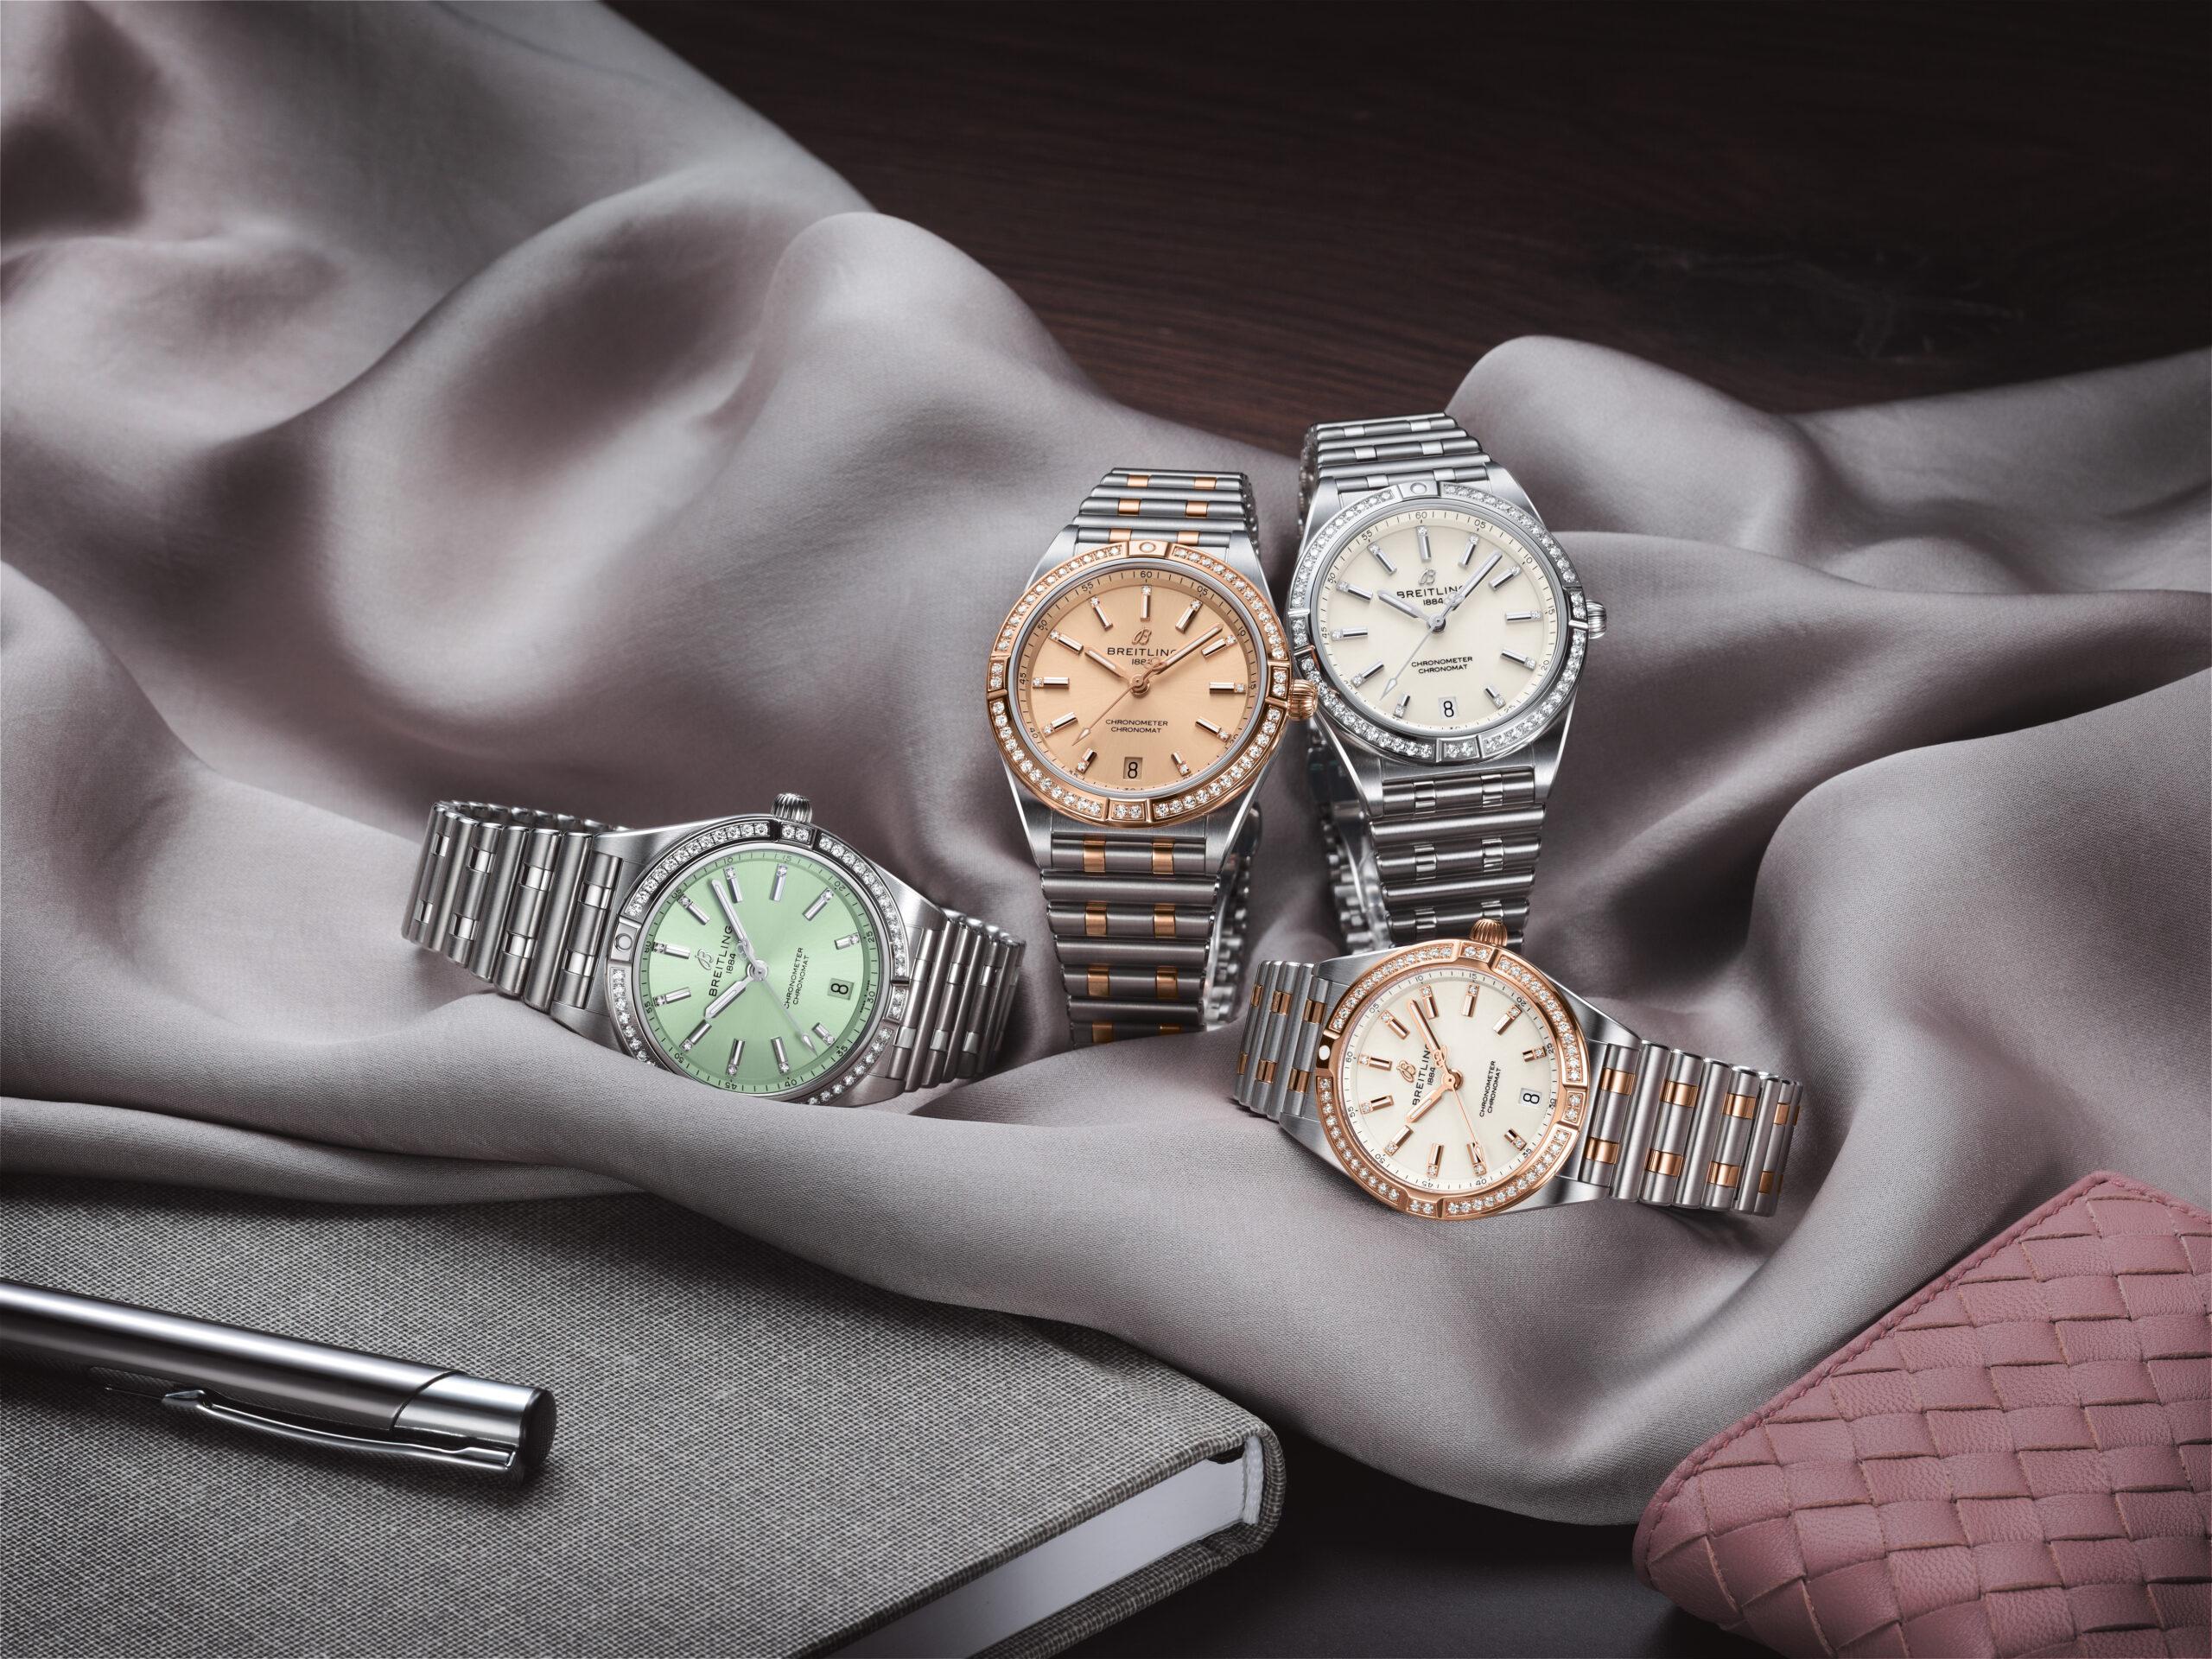 Die neue Breitling Damenlinie Chronomat 36 und 32 kommt nach Basel